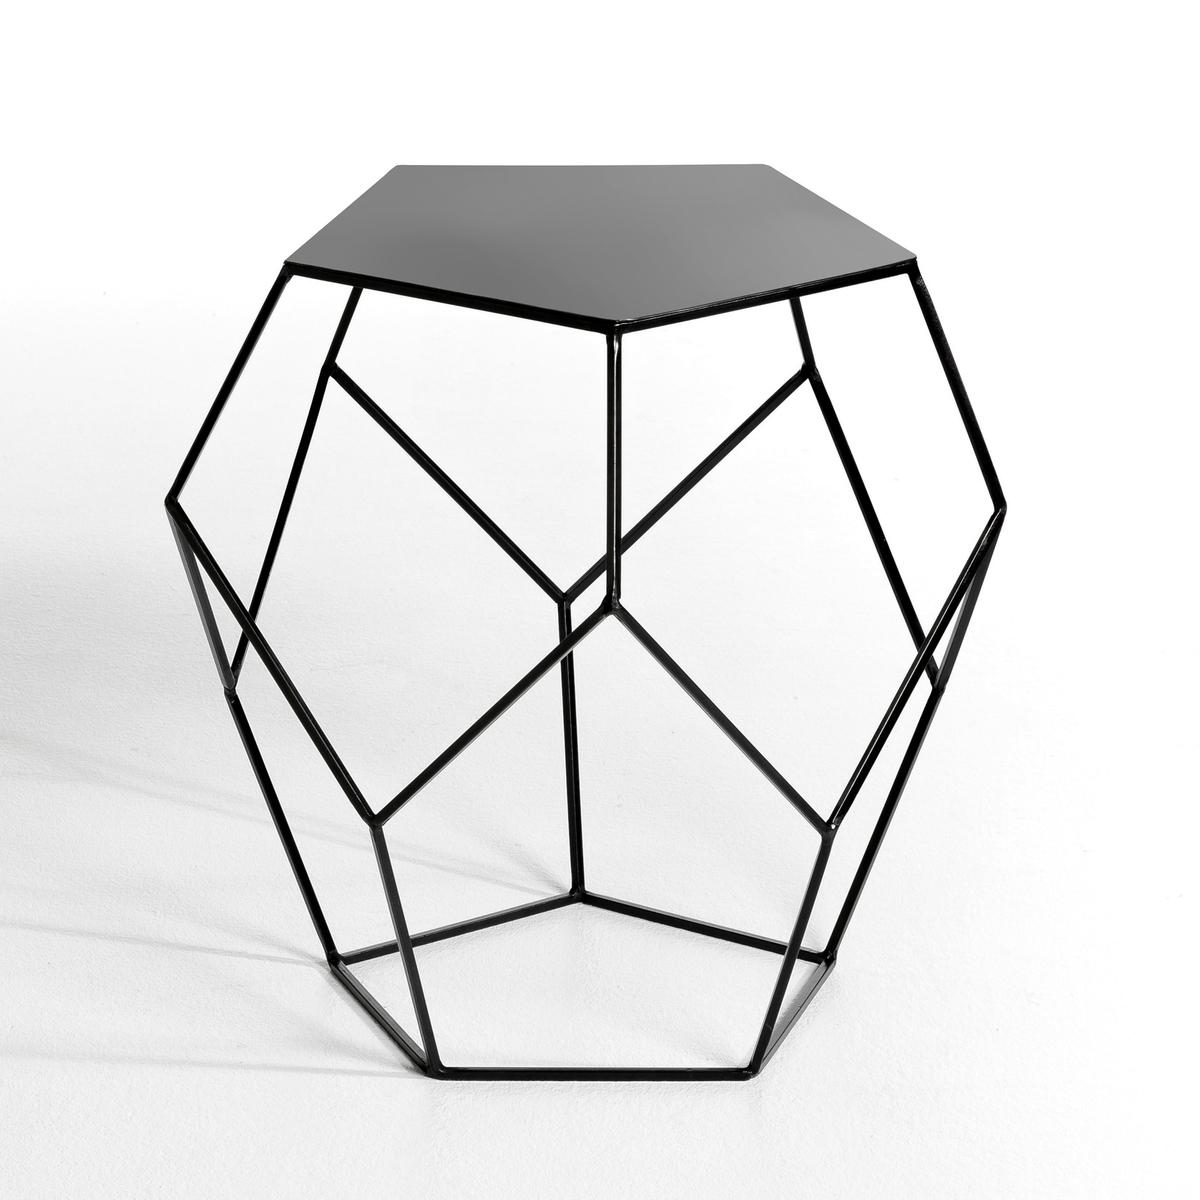 Столик диванный, RozamДиванный столик Rozam. Легкий и графический дизайн...  Характеристики :- Из стали.- Столешница расположена на геометрической конструкции из проволоки .Размеры: - диаметр 45 x высота 46 см.<br><br>Цвет: черный